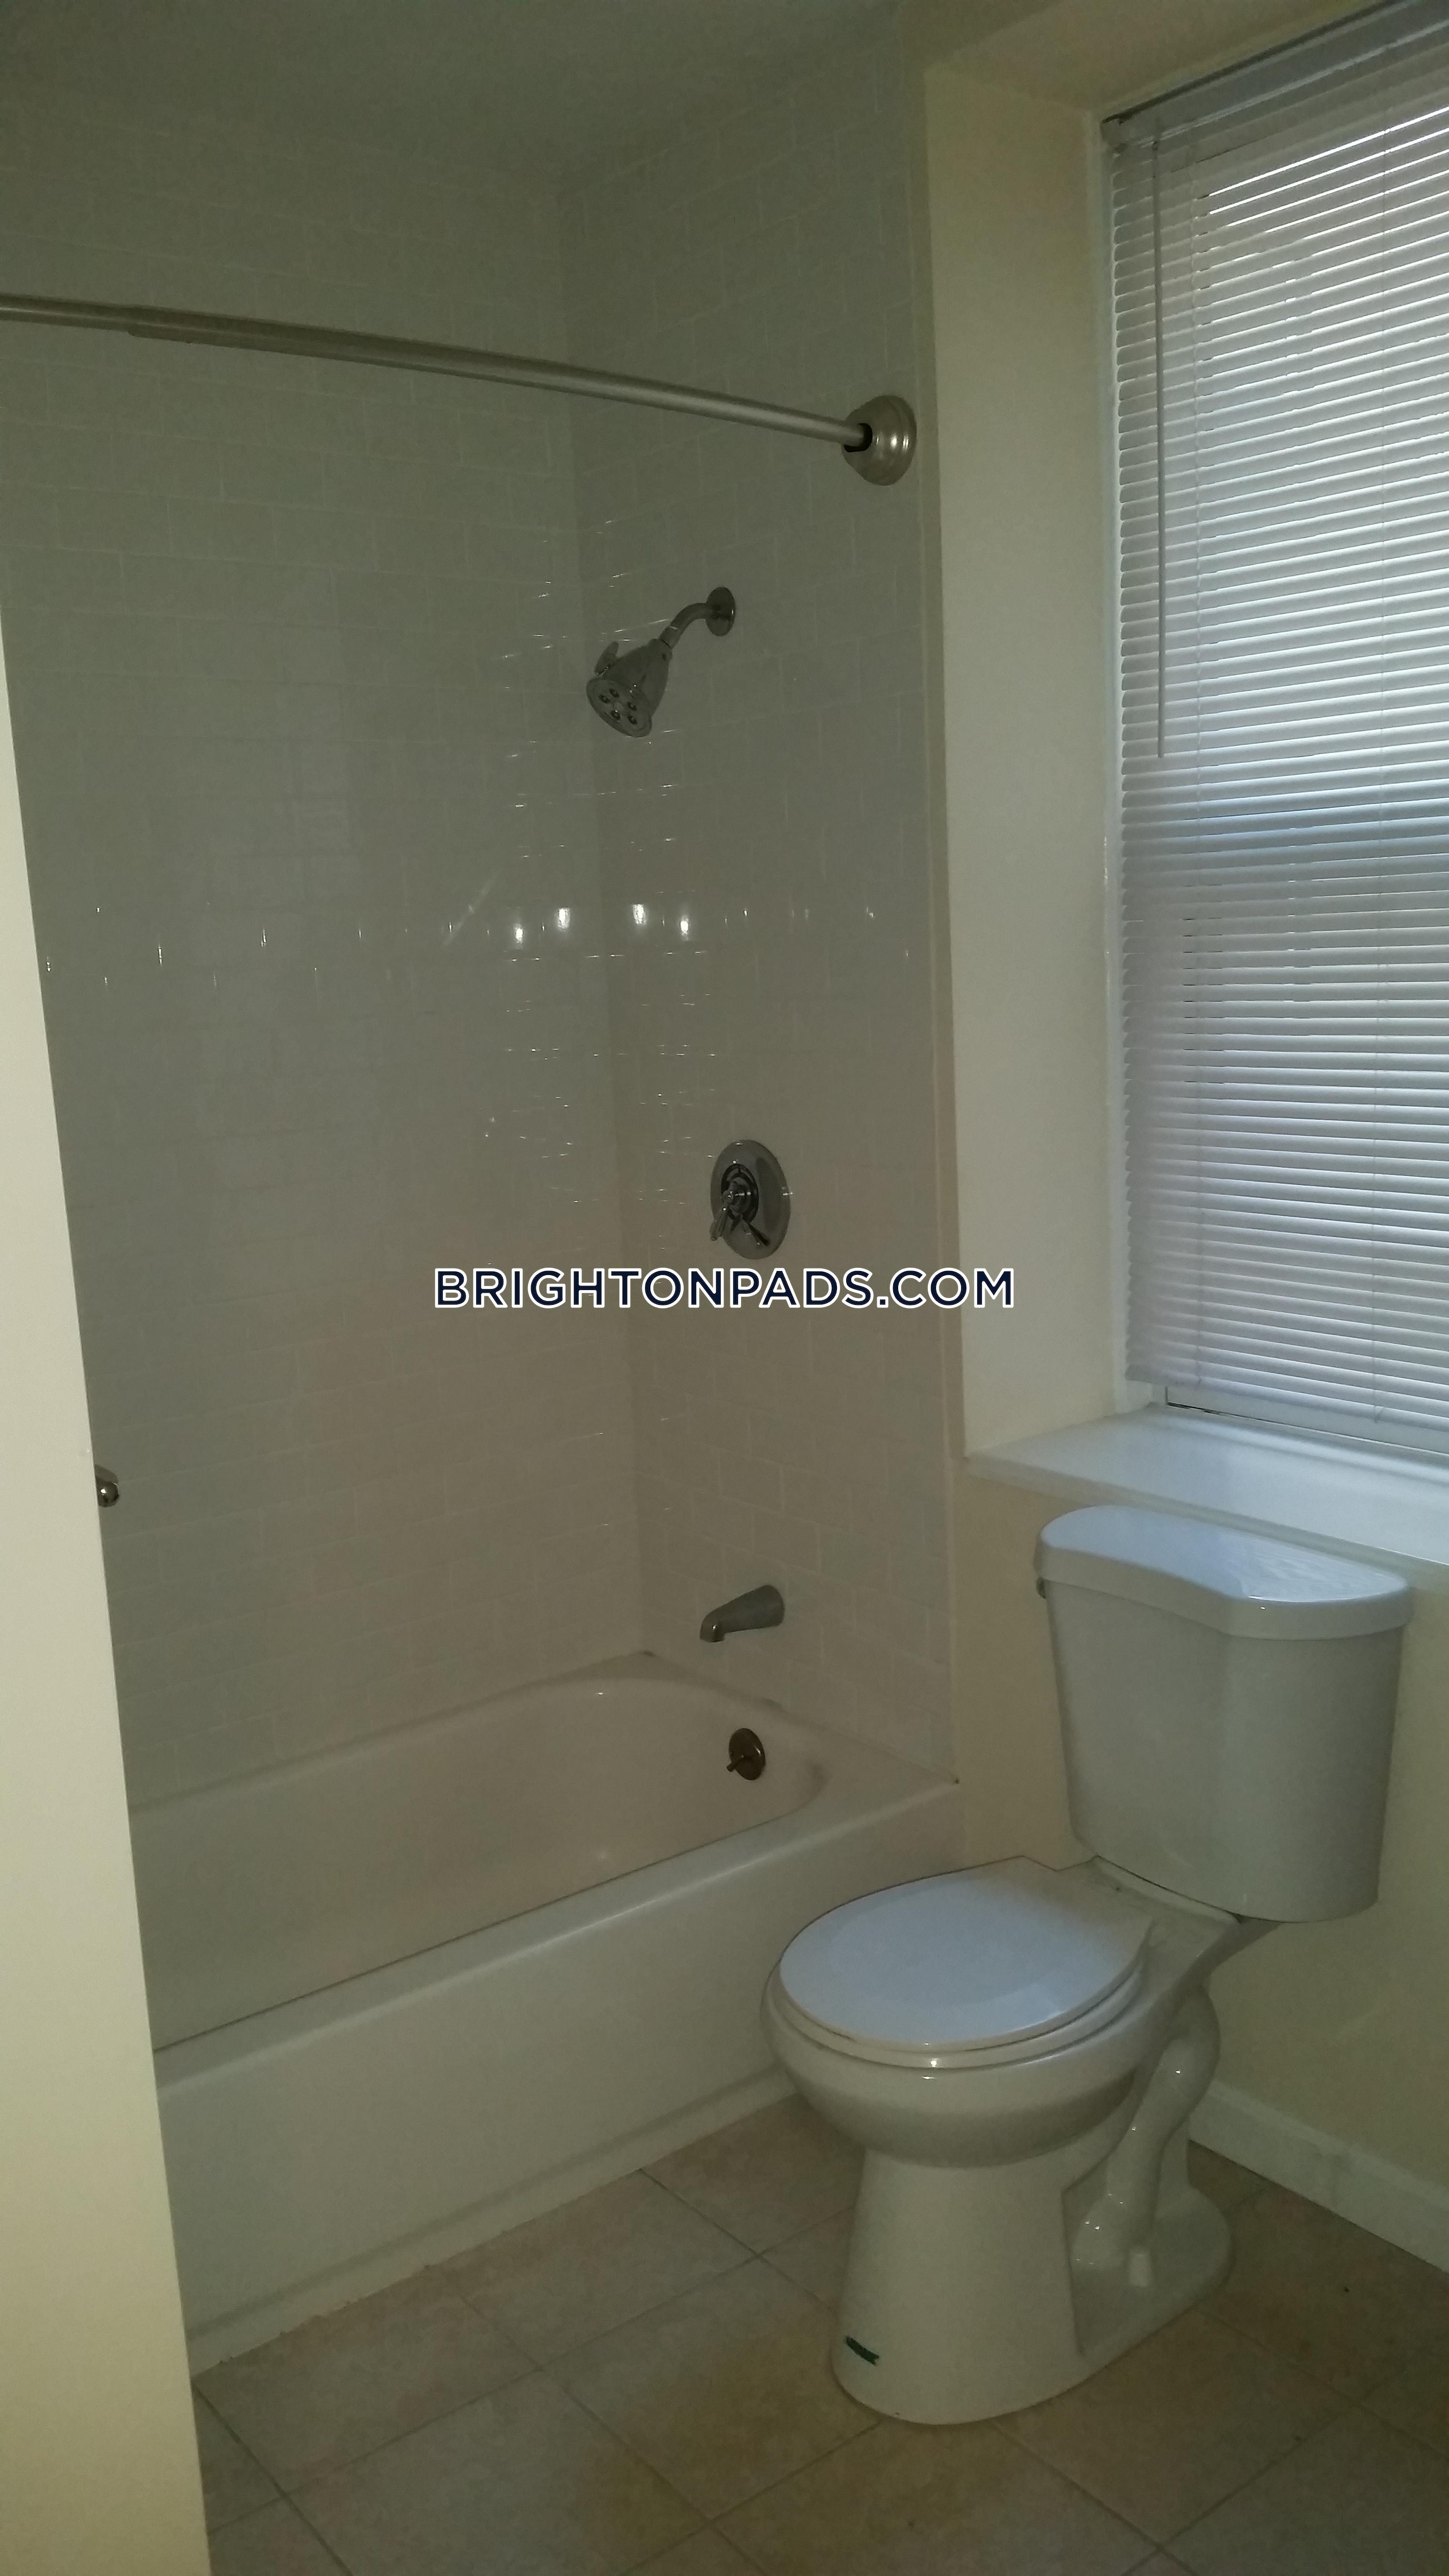 1-bed-1-bath-boston-brighton-washington-st-allston-st-1700-388149